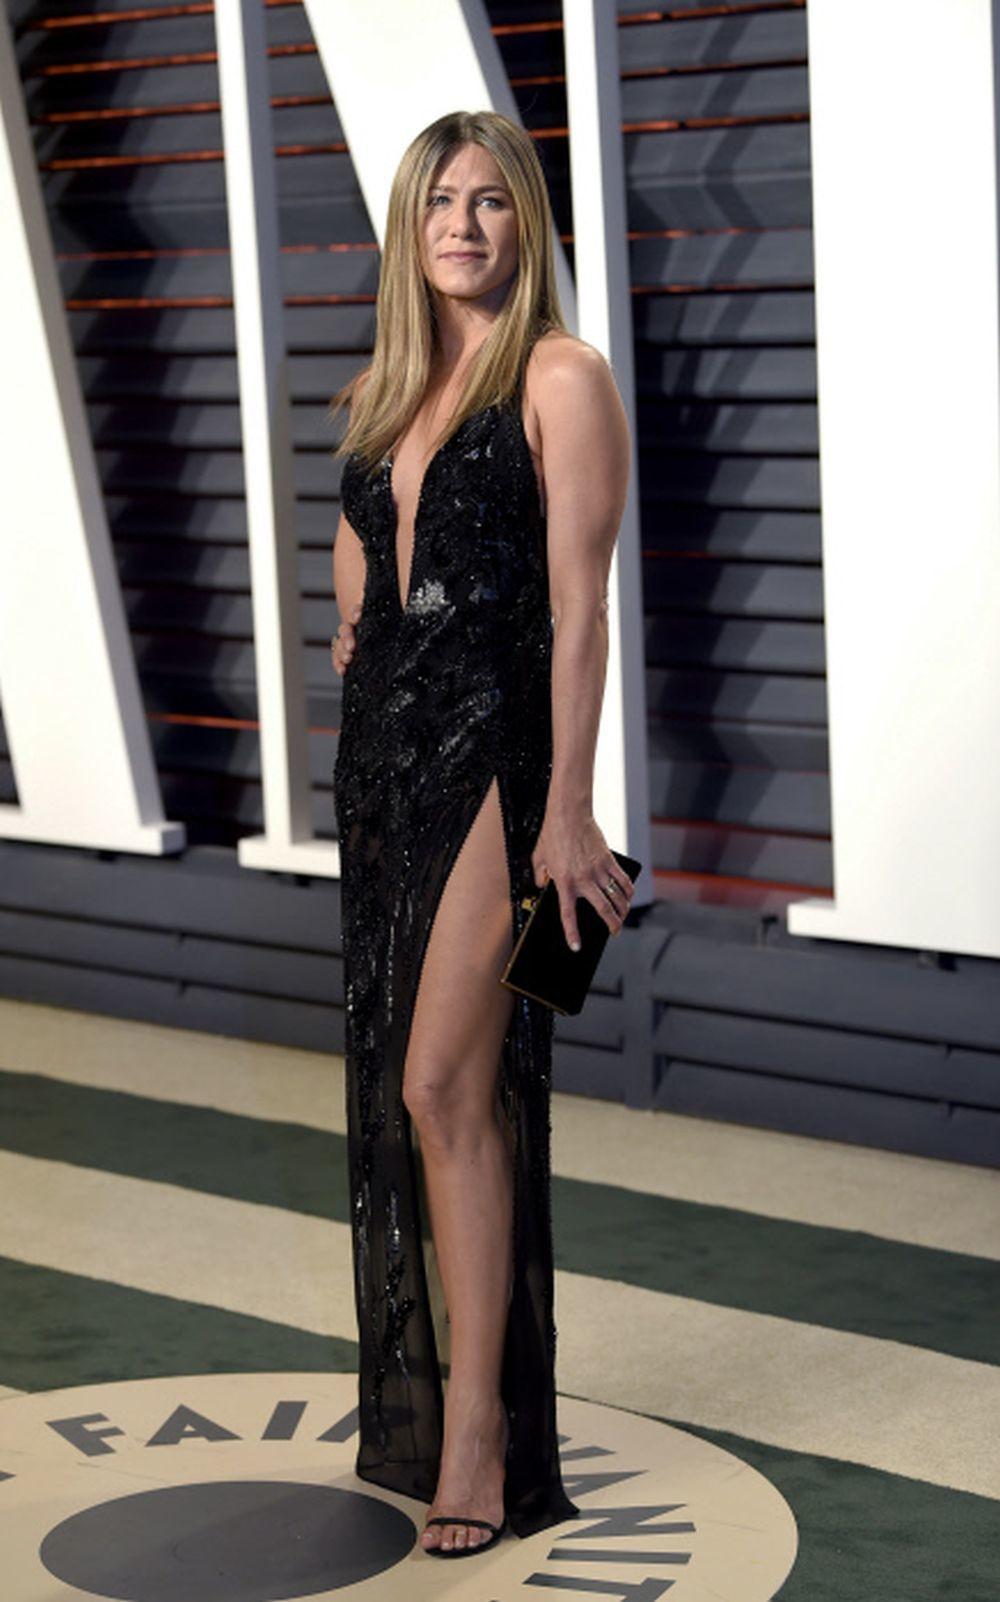 La actriz Jennifer Aniston luciendo piernas y escote.